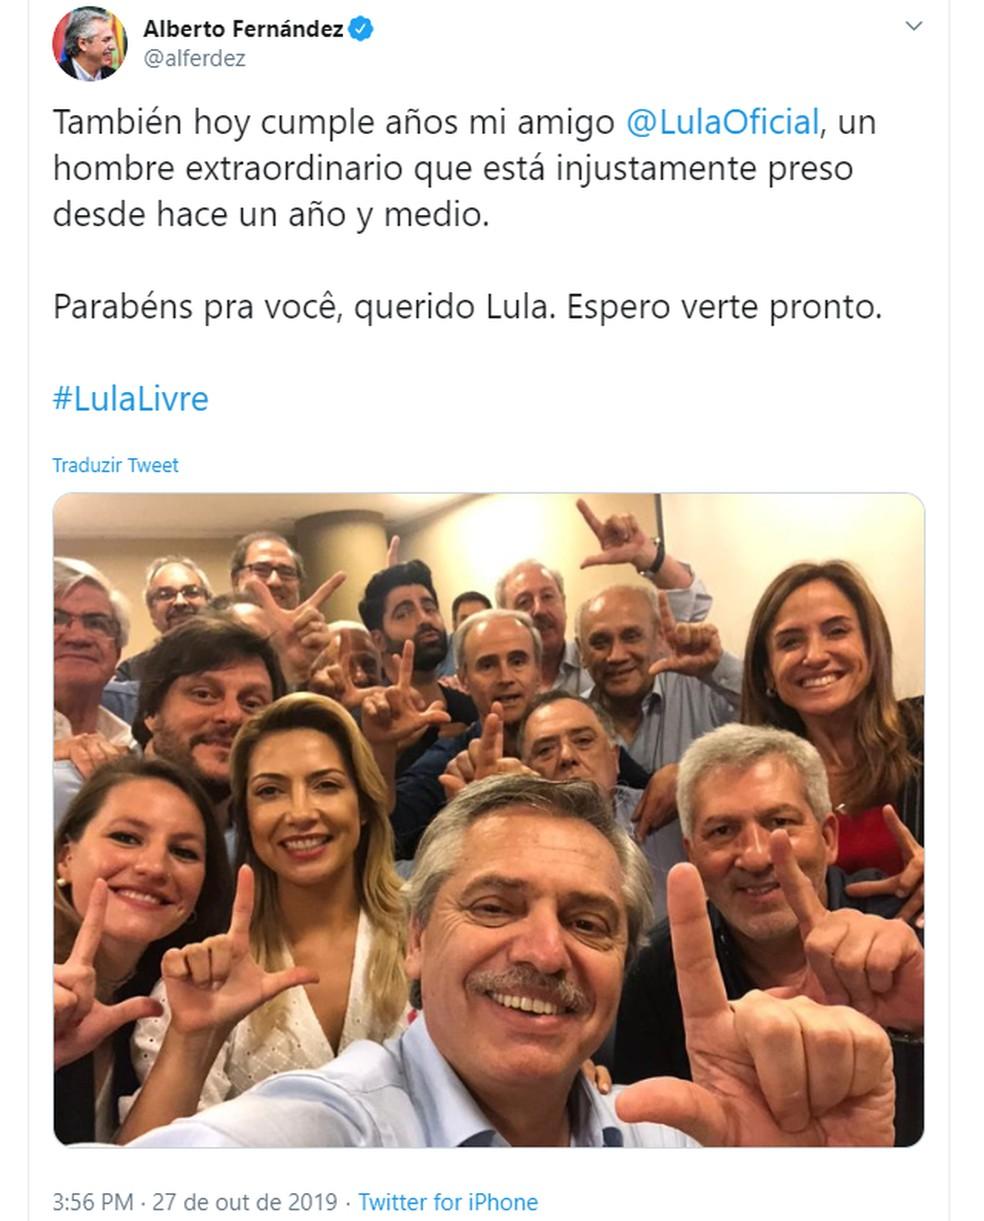 Alberto Fernández, então candidato à presidência da Argentina, faz postagem sobre o ex-presidente Lula — Foto: Reprodução/Twitter